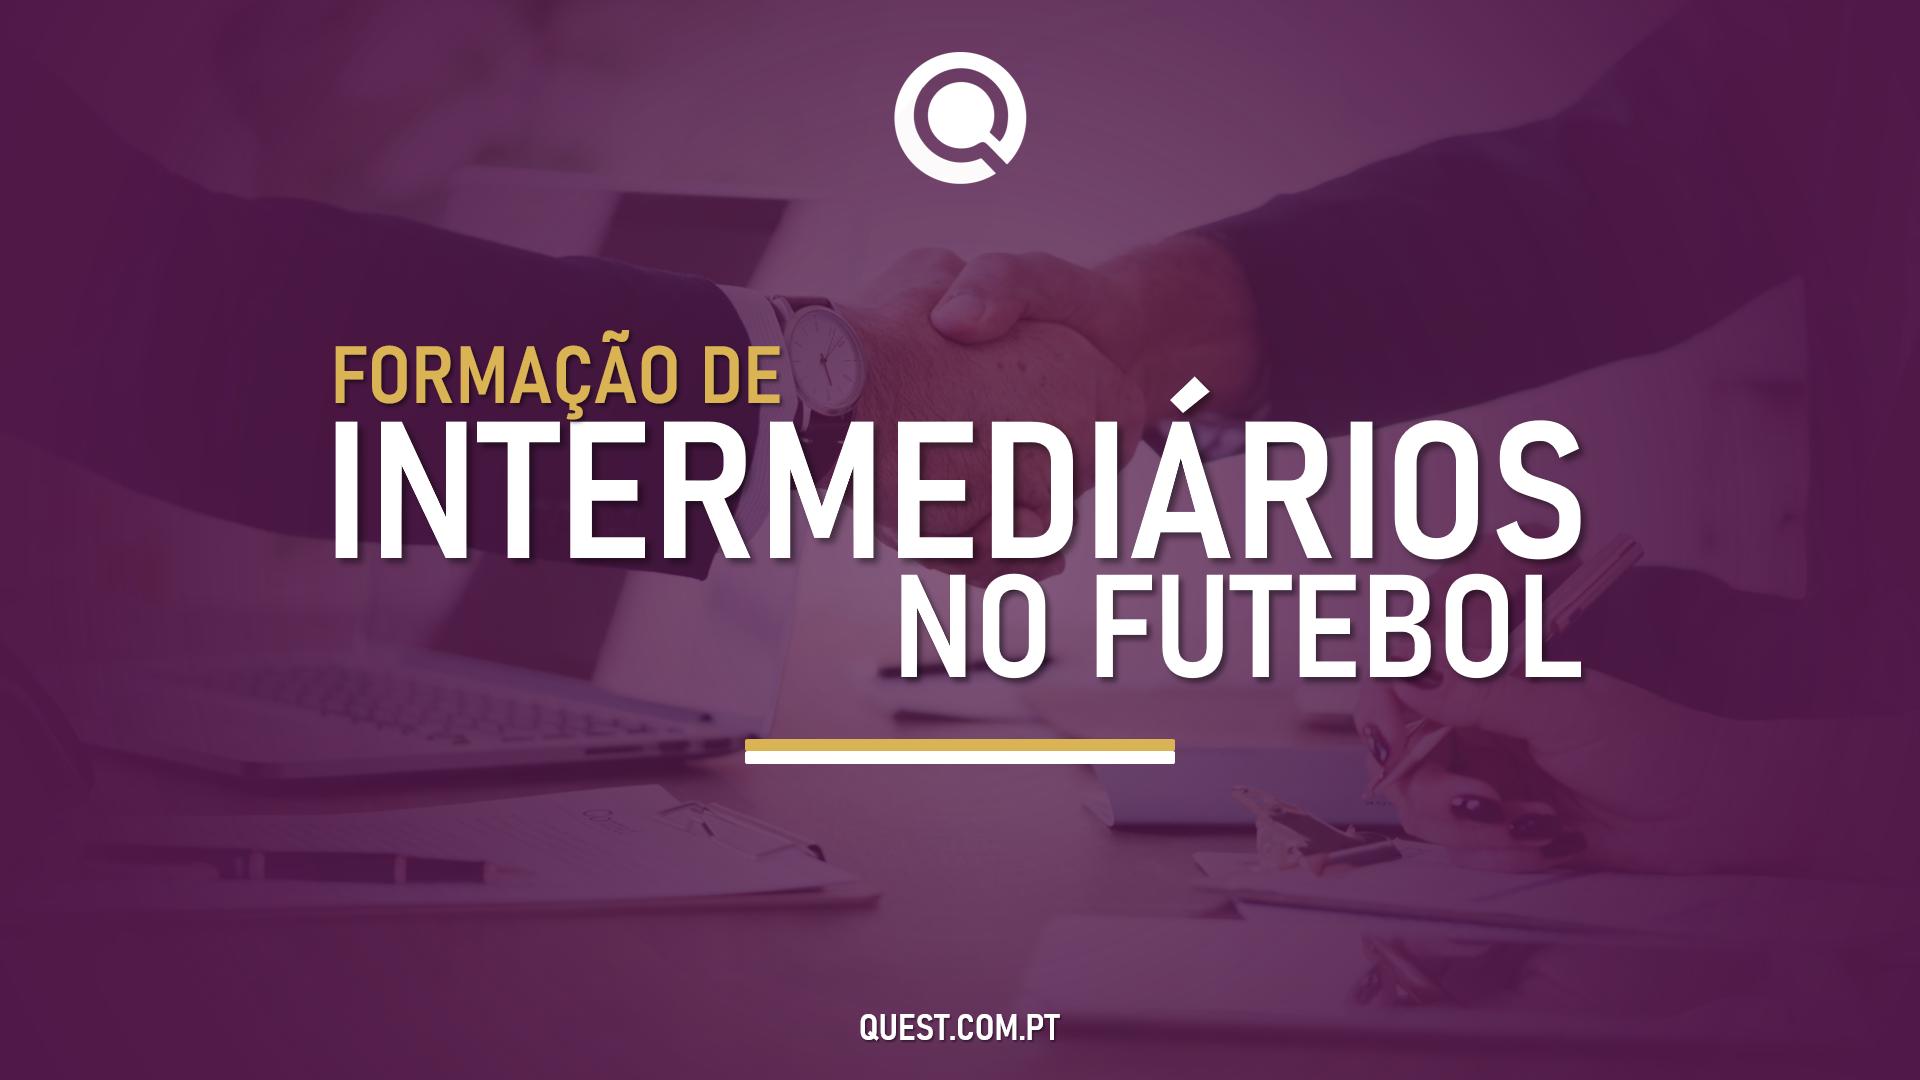 FORMAÇÃO DE INTERMEDIÁRIOS NO FUTEBOL